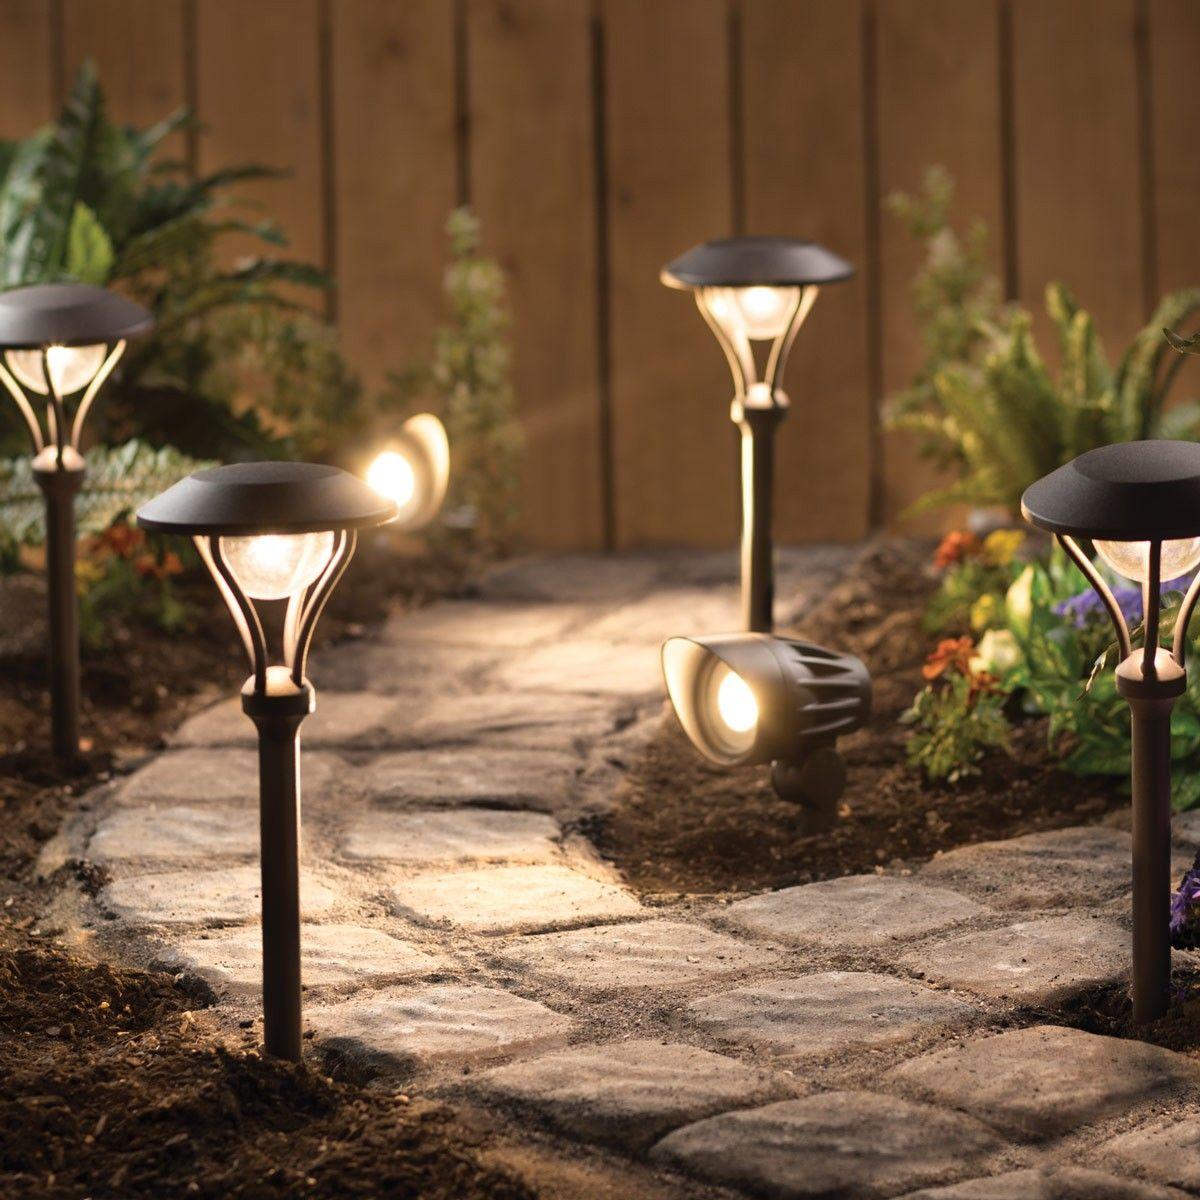 Led 6 Pack Landscape Lighting Kit Duracell Landscape Lighting Landscape Lighting Kits Outdoor Landscape Lighting